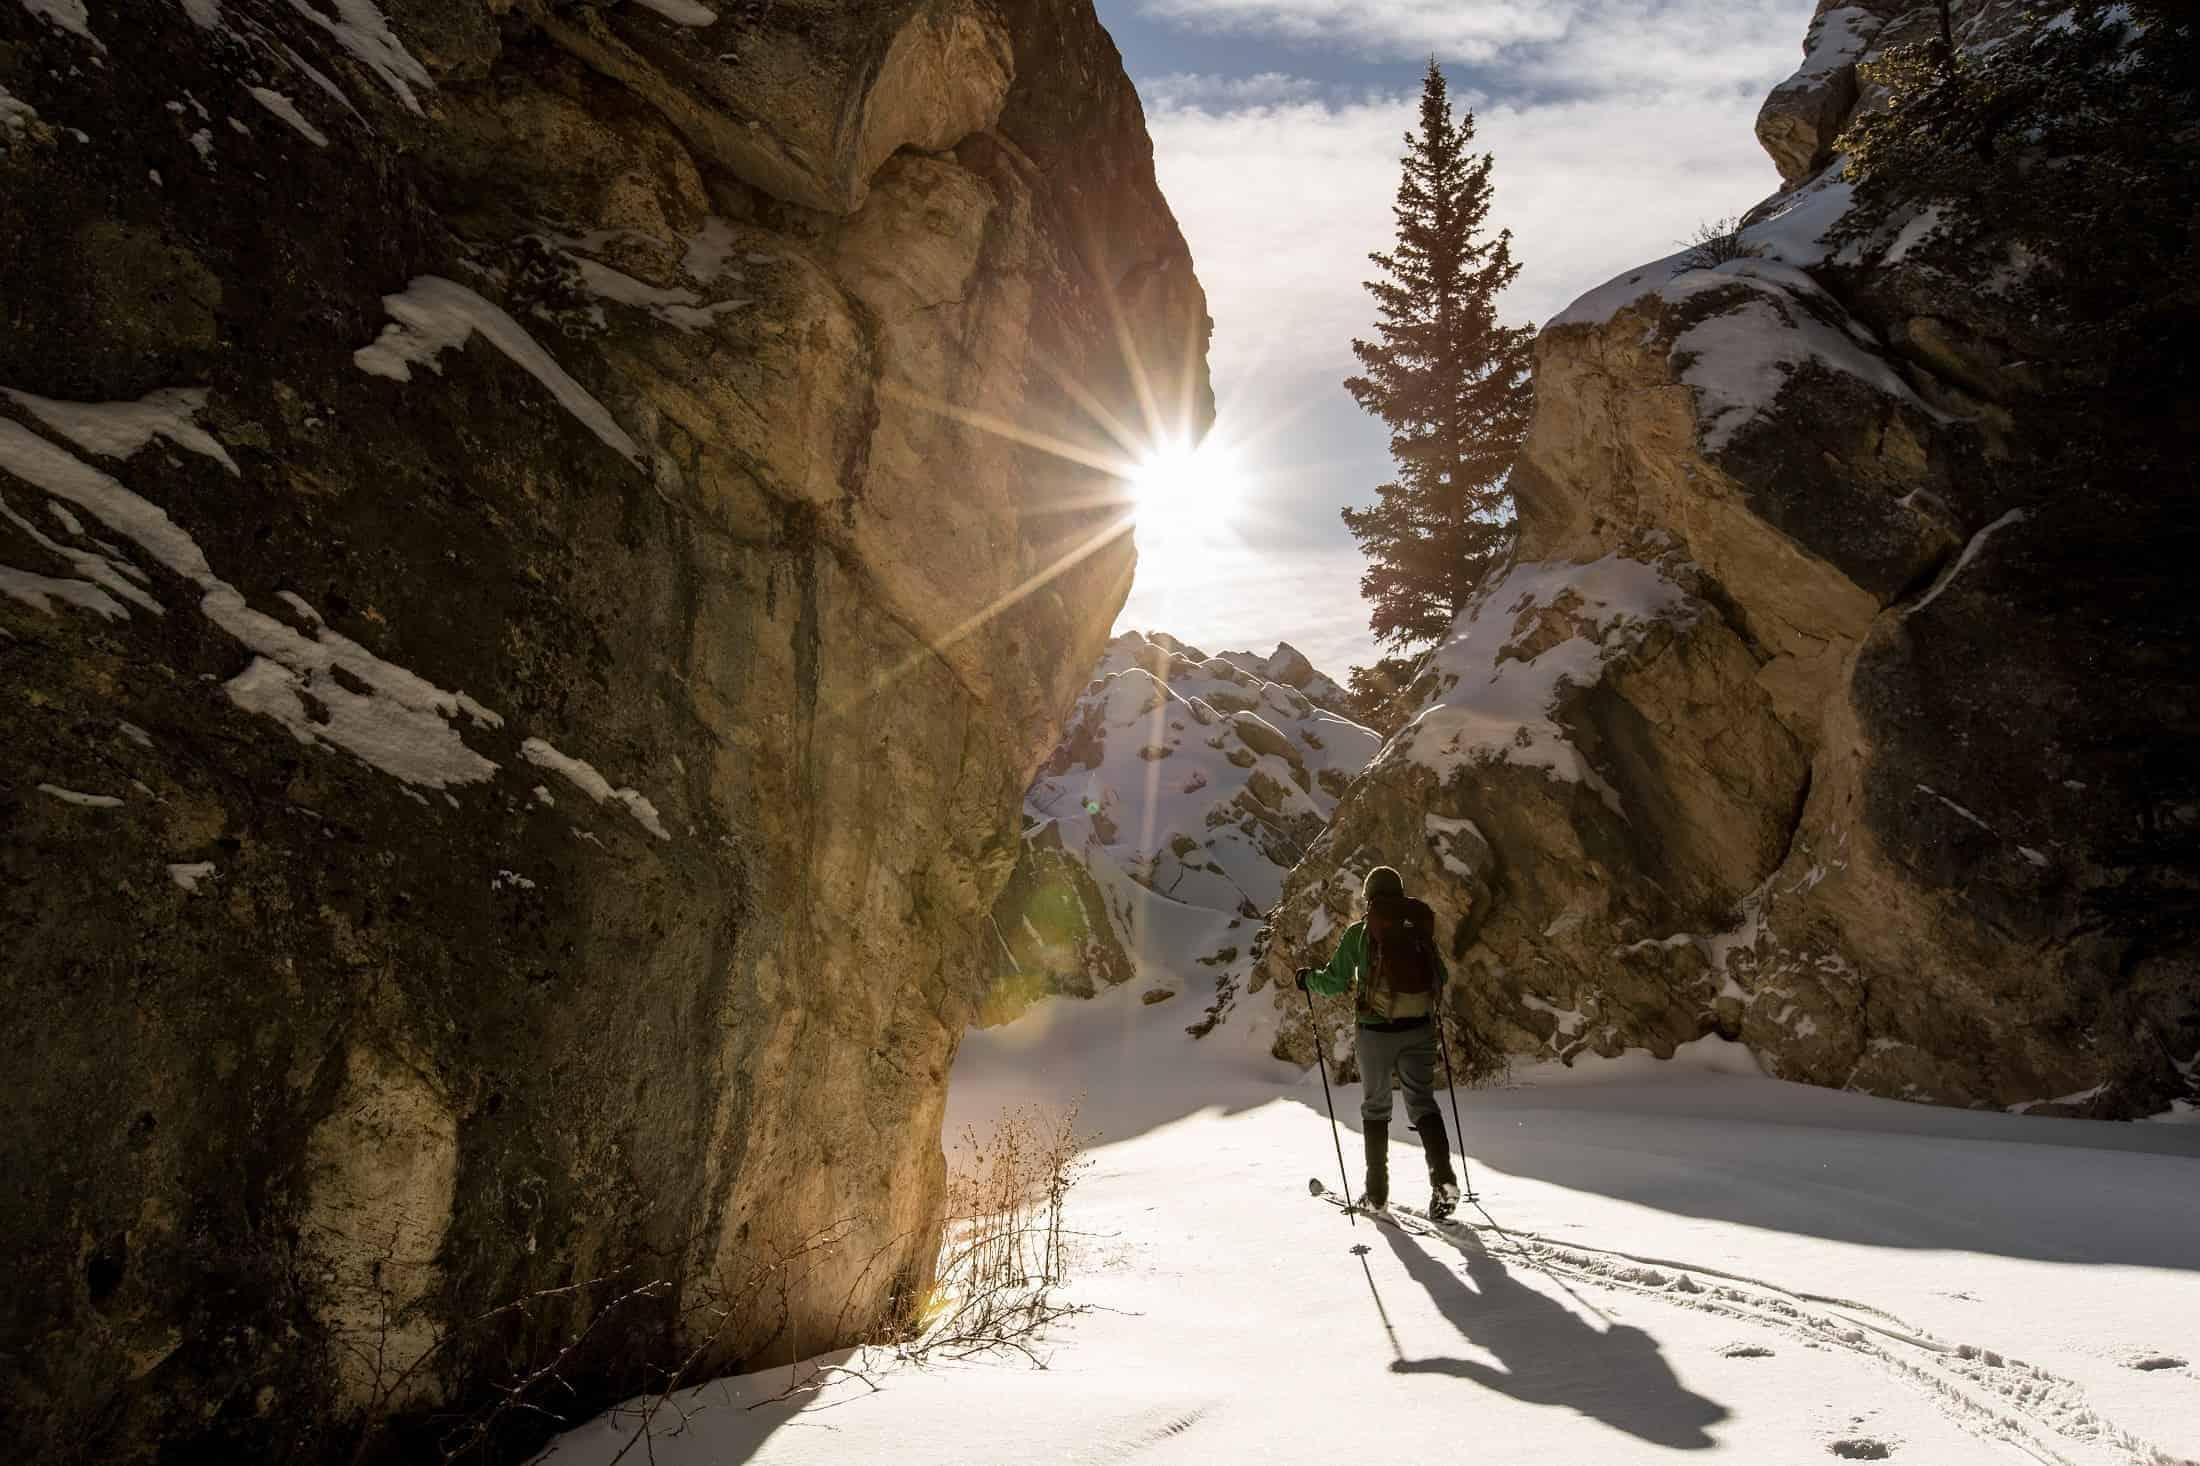 Outdoor activities during winter